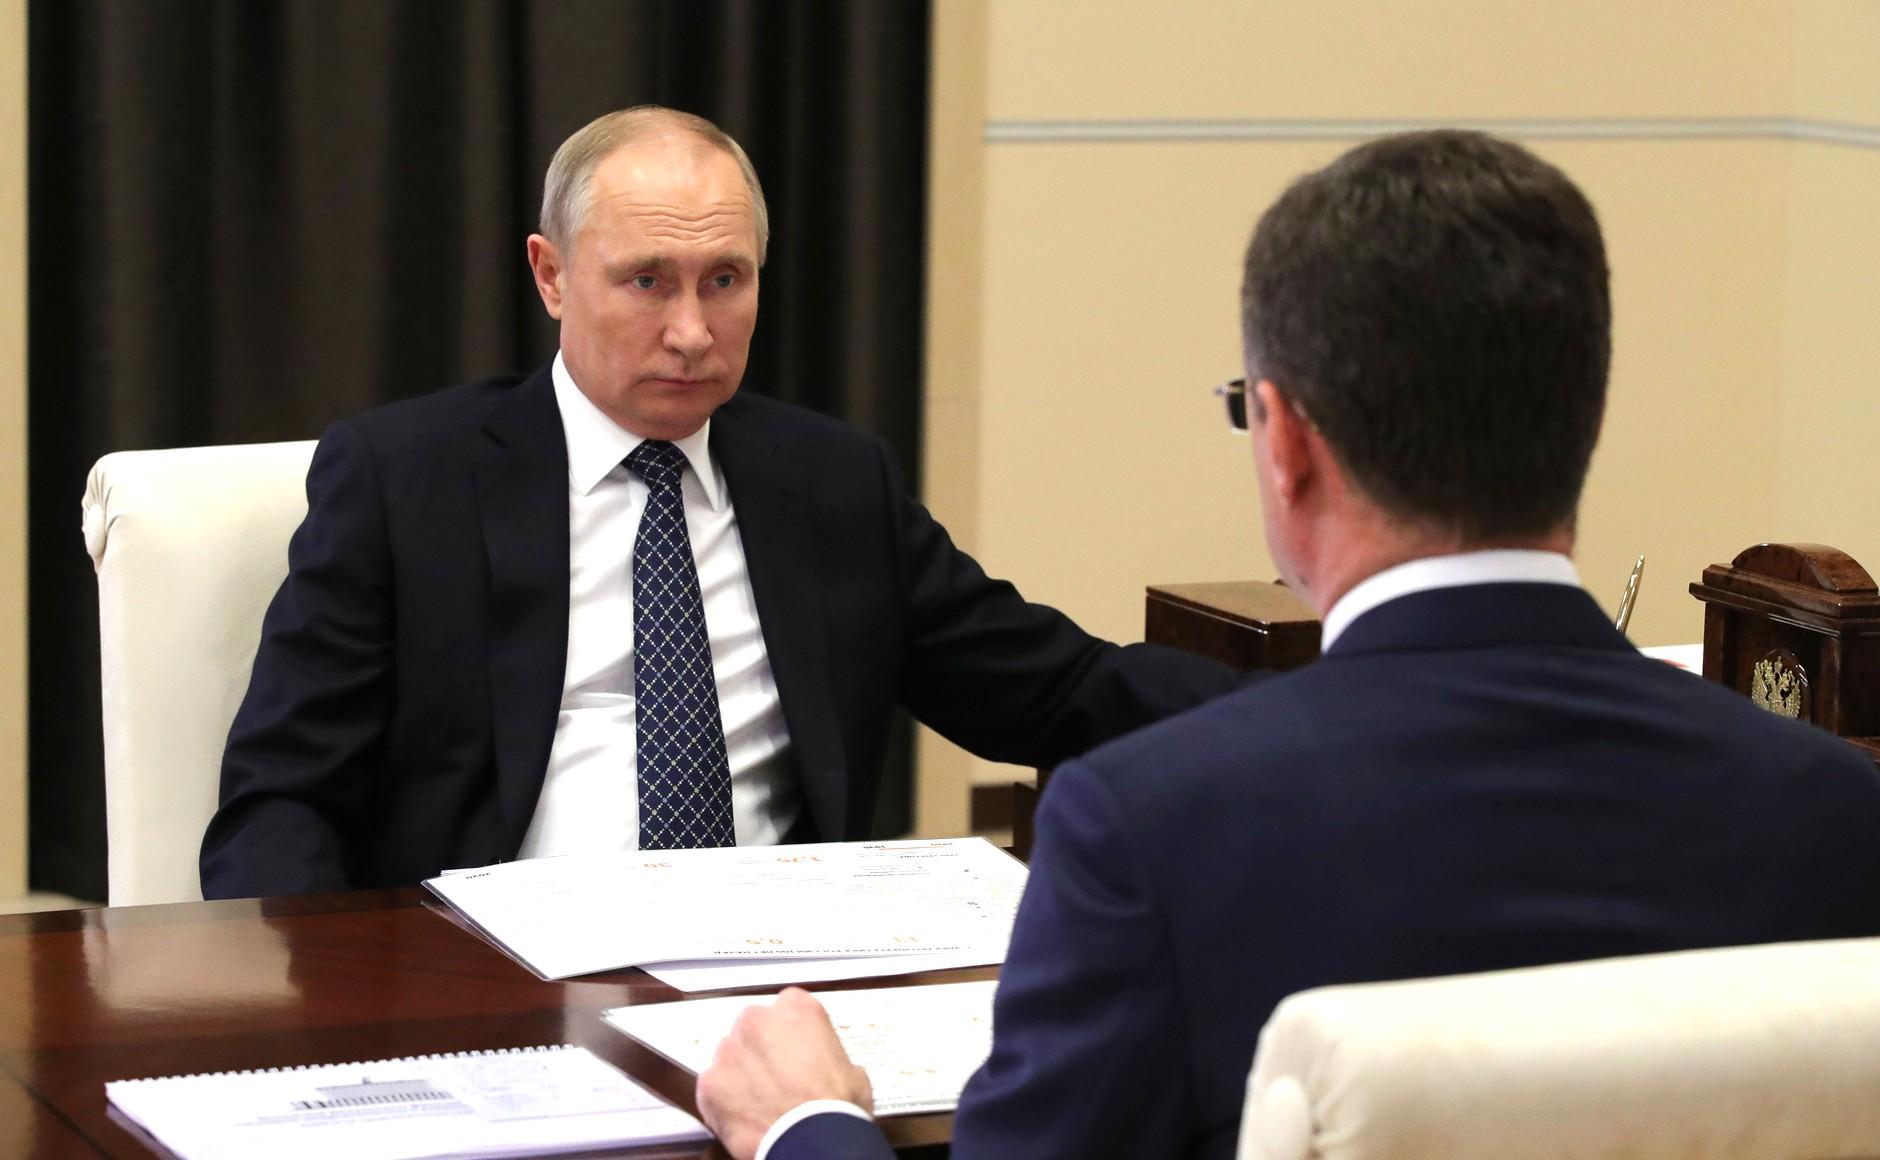 PH 4 SUR 4 Rencontre avec le vice-premier ministre Alexander Novak 22.12.2020 l'industrie de l'énergie.